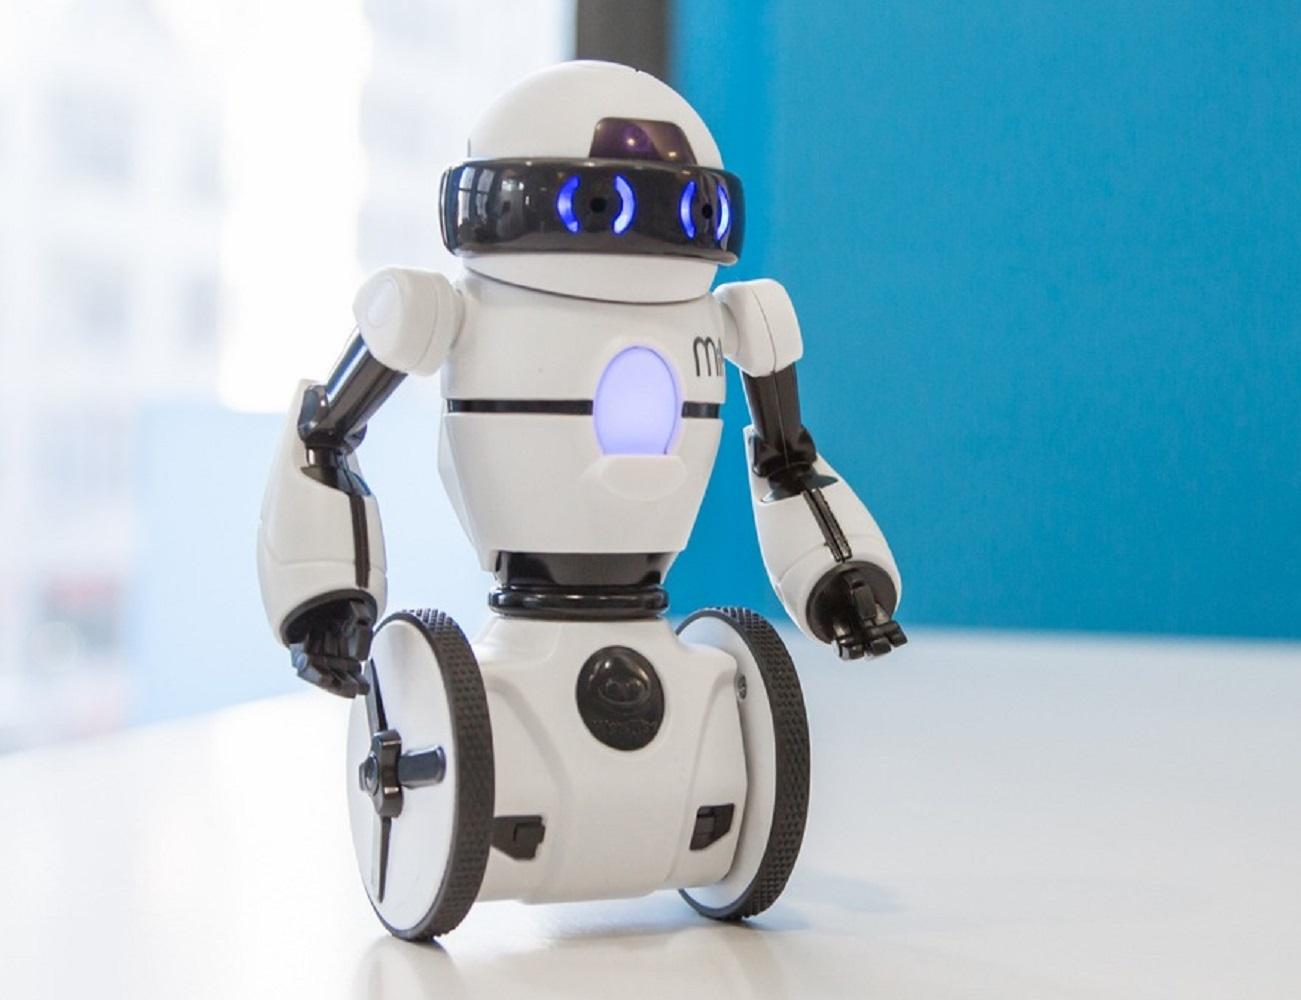 MiP The Worlds First Balancing Robot